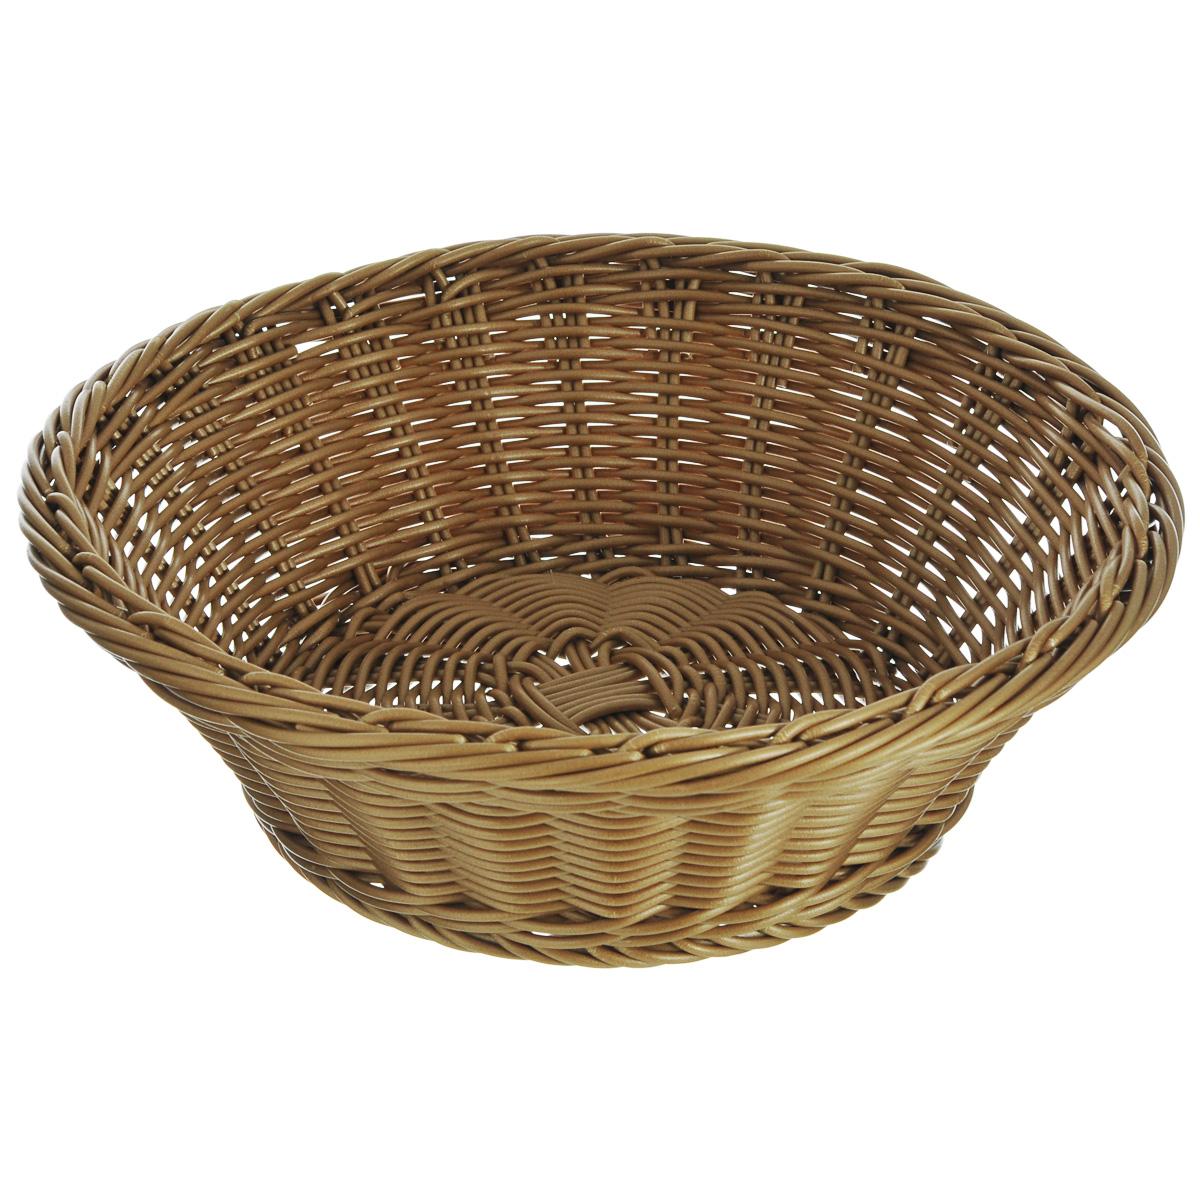 Корзинка для хлеба Kesper, диаметр 28,5 см. 1982-01982-0Оригинальная плетеная корзинка Kesper круглой формы, выполнена из пластика, напоминающего фактуру дерева. Корзинка прекрасно подойдет для вашей кухни. Она предназначена для красивой сервировки хлебобулочной продукции.Изящный дизайн придется по вкусу и ценителям классики, и тем, кто предпочитает утонченность и изысканность. Можно мыть в посудомоечной машине. Диаметр корзинки: 28,5 см. Высота корзинки: 9 см.